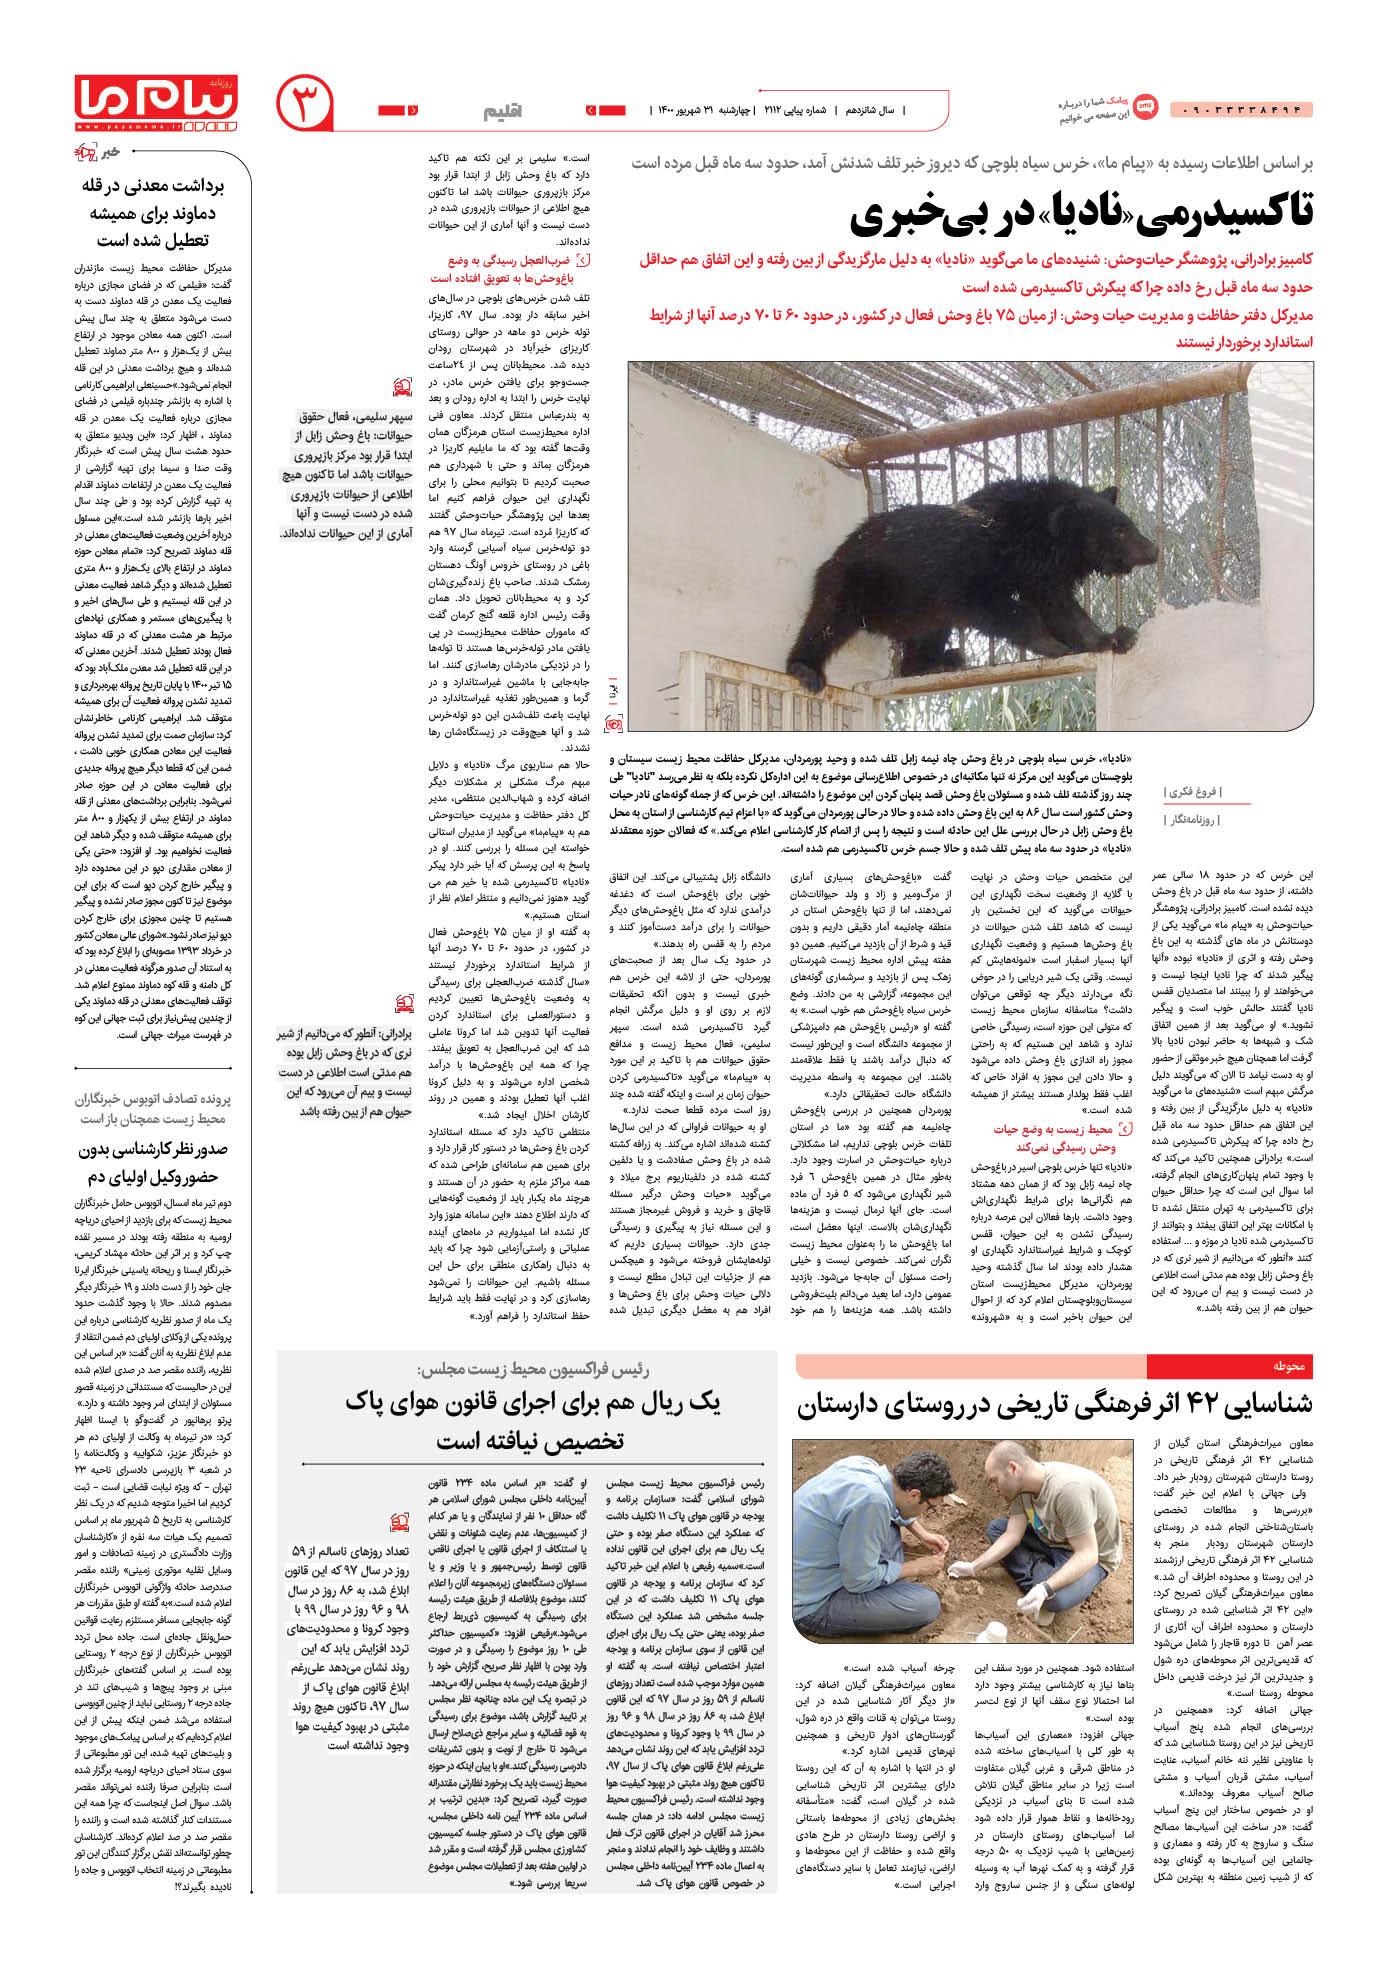 صفحه اقلیم شماره 2112 روزنامه پیام ما